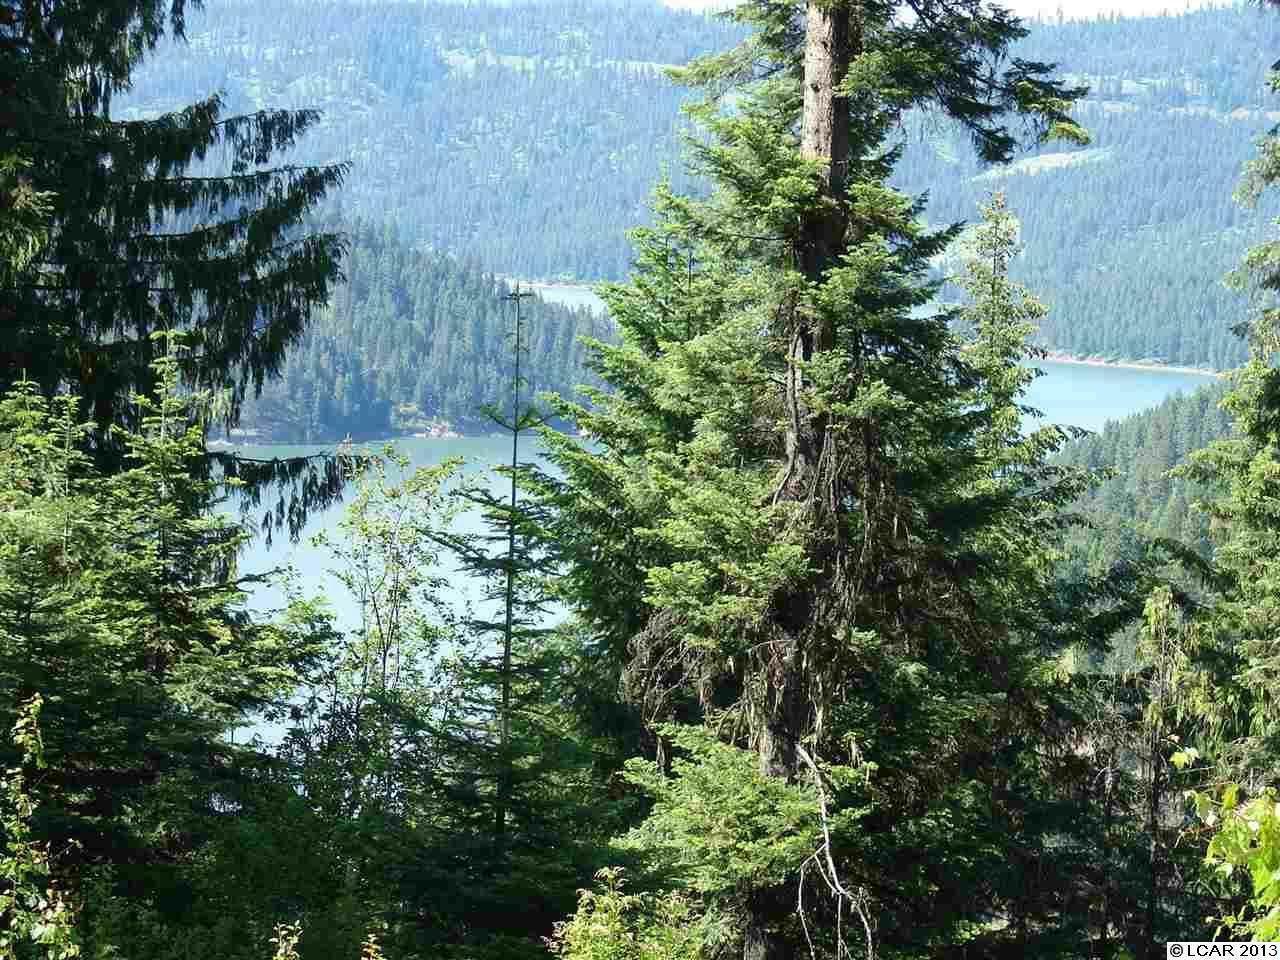 Tbd  Lot 18 Moose Ridge Drive, Orofino, ID - USA (photo 4)